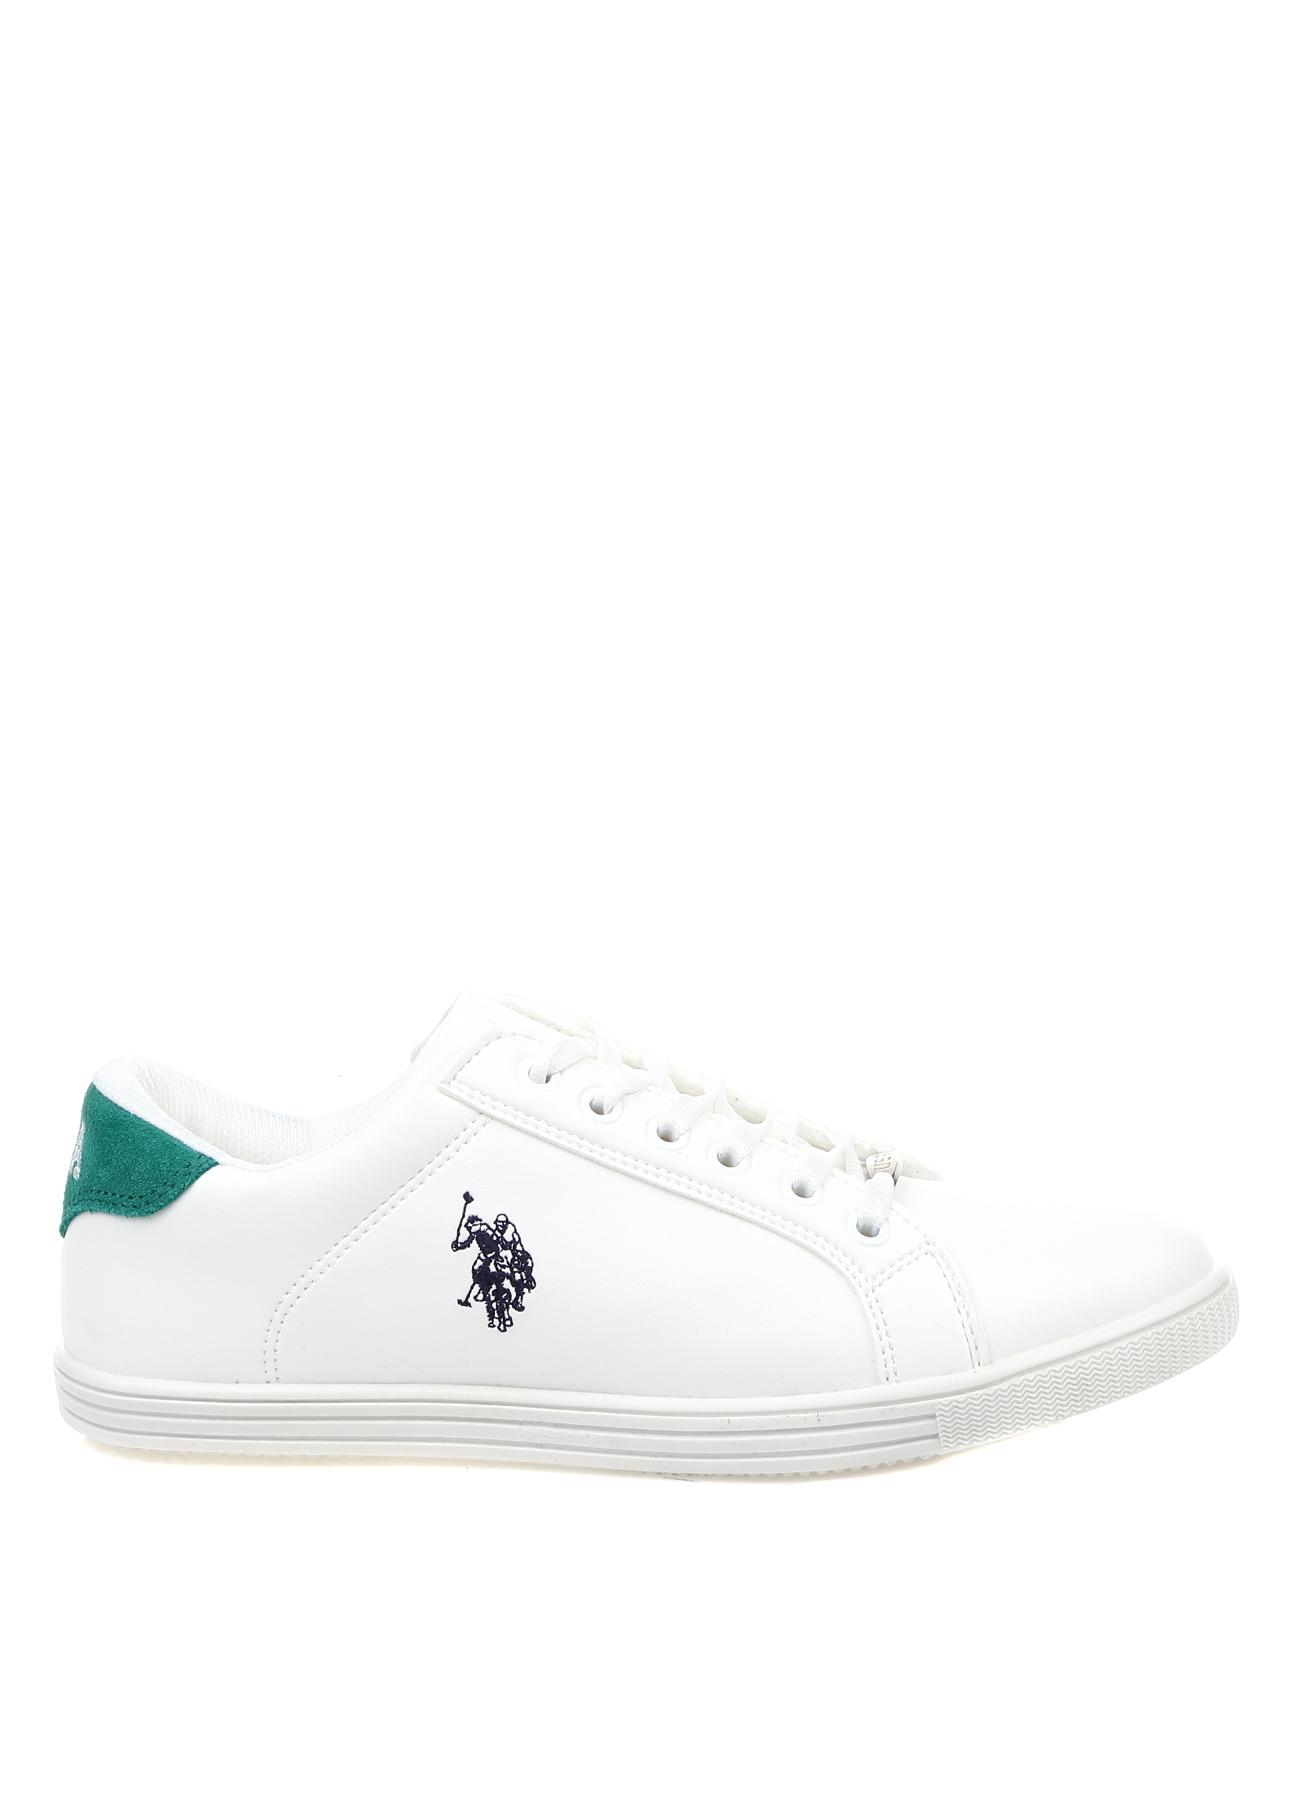 U.S. Polo Assn. Düz Ayakkabı 37 5001977221002 Ürün Resmi